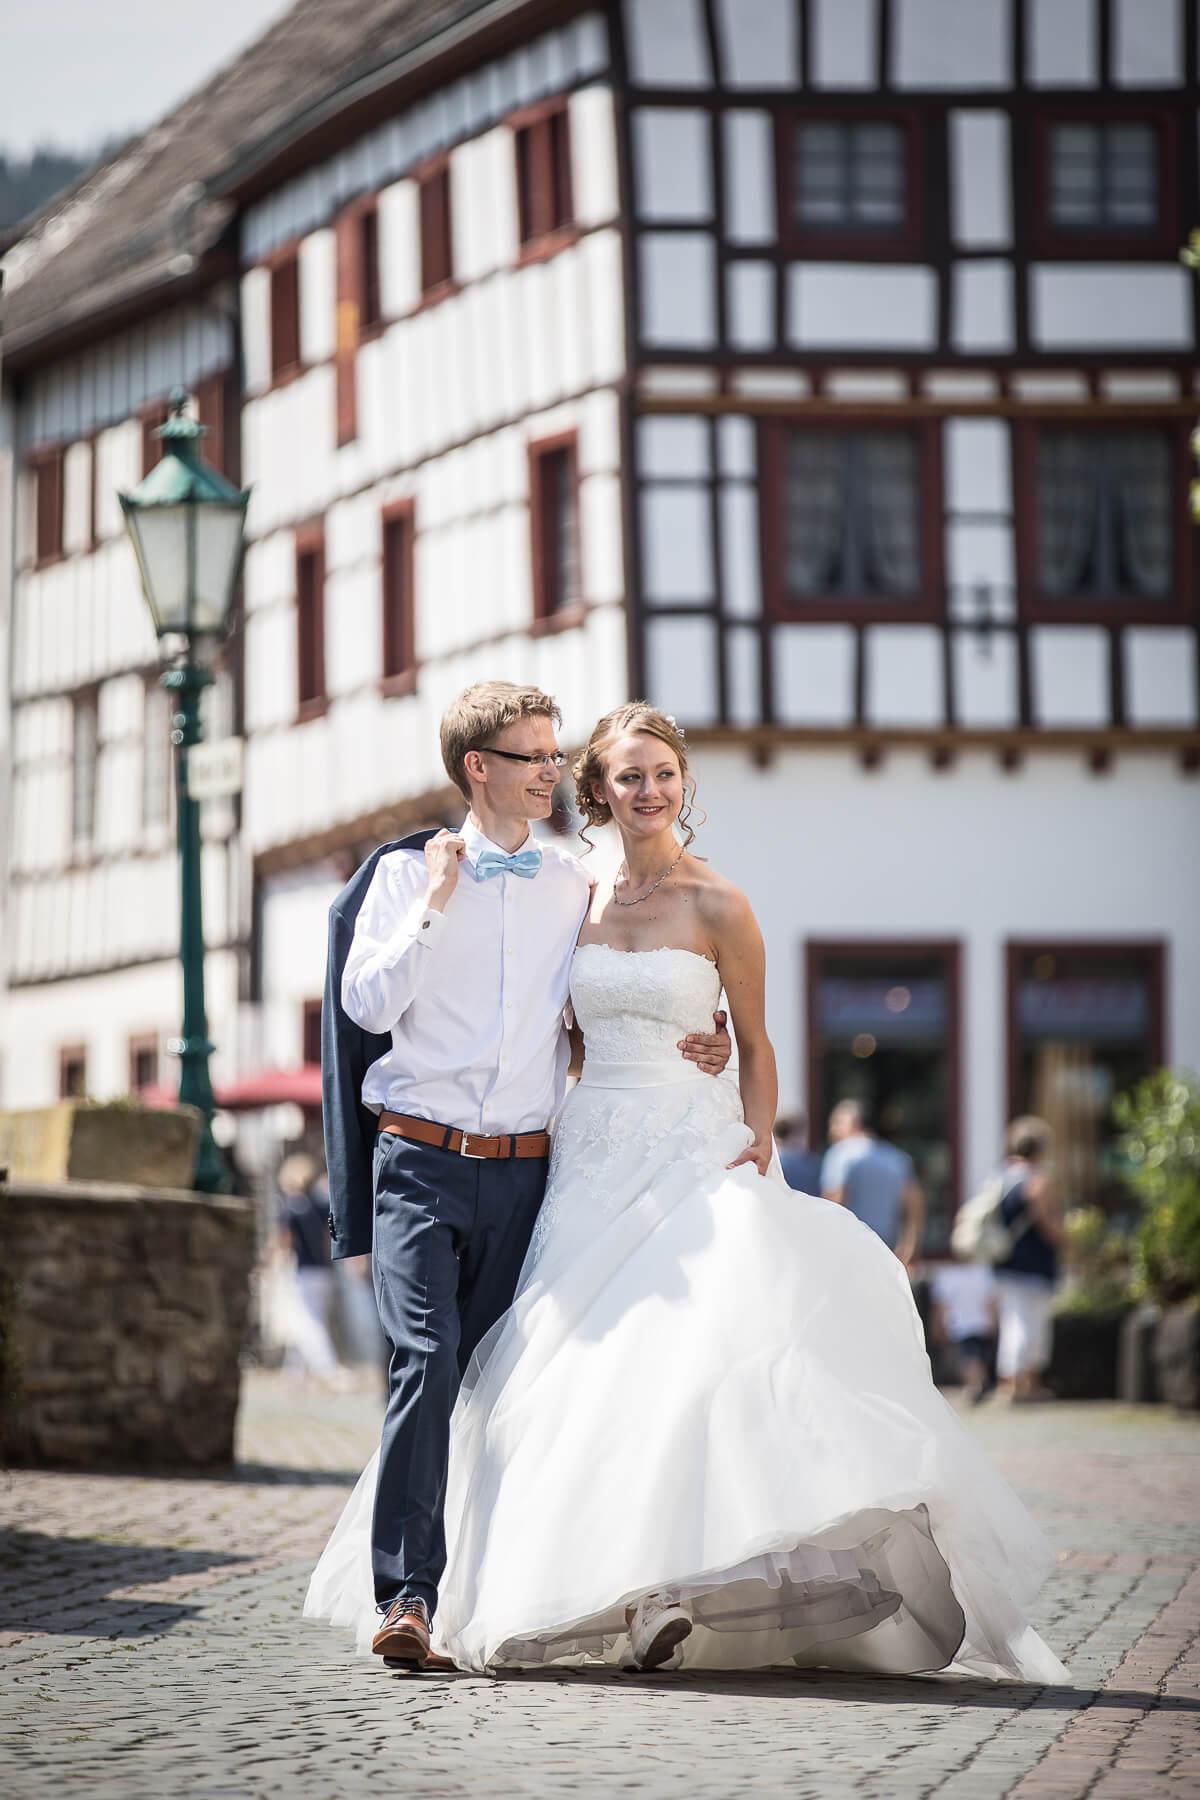 Hochzeitsreportage  Fotograf  Hochzeit  Standesamt  Bad Münstereifel 03